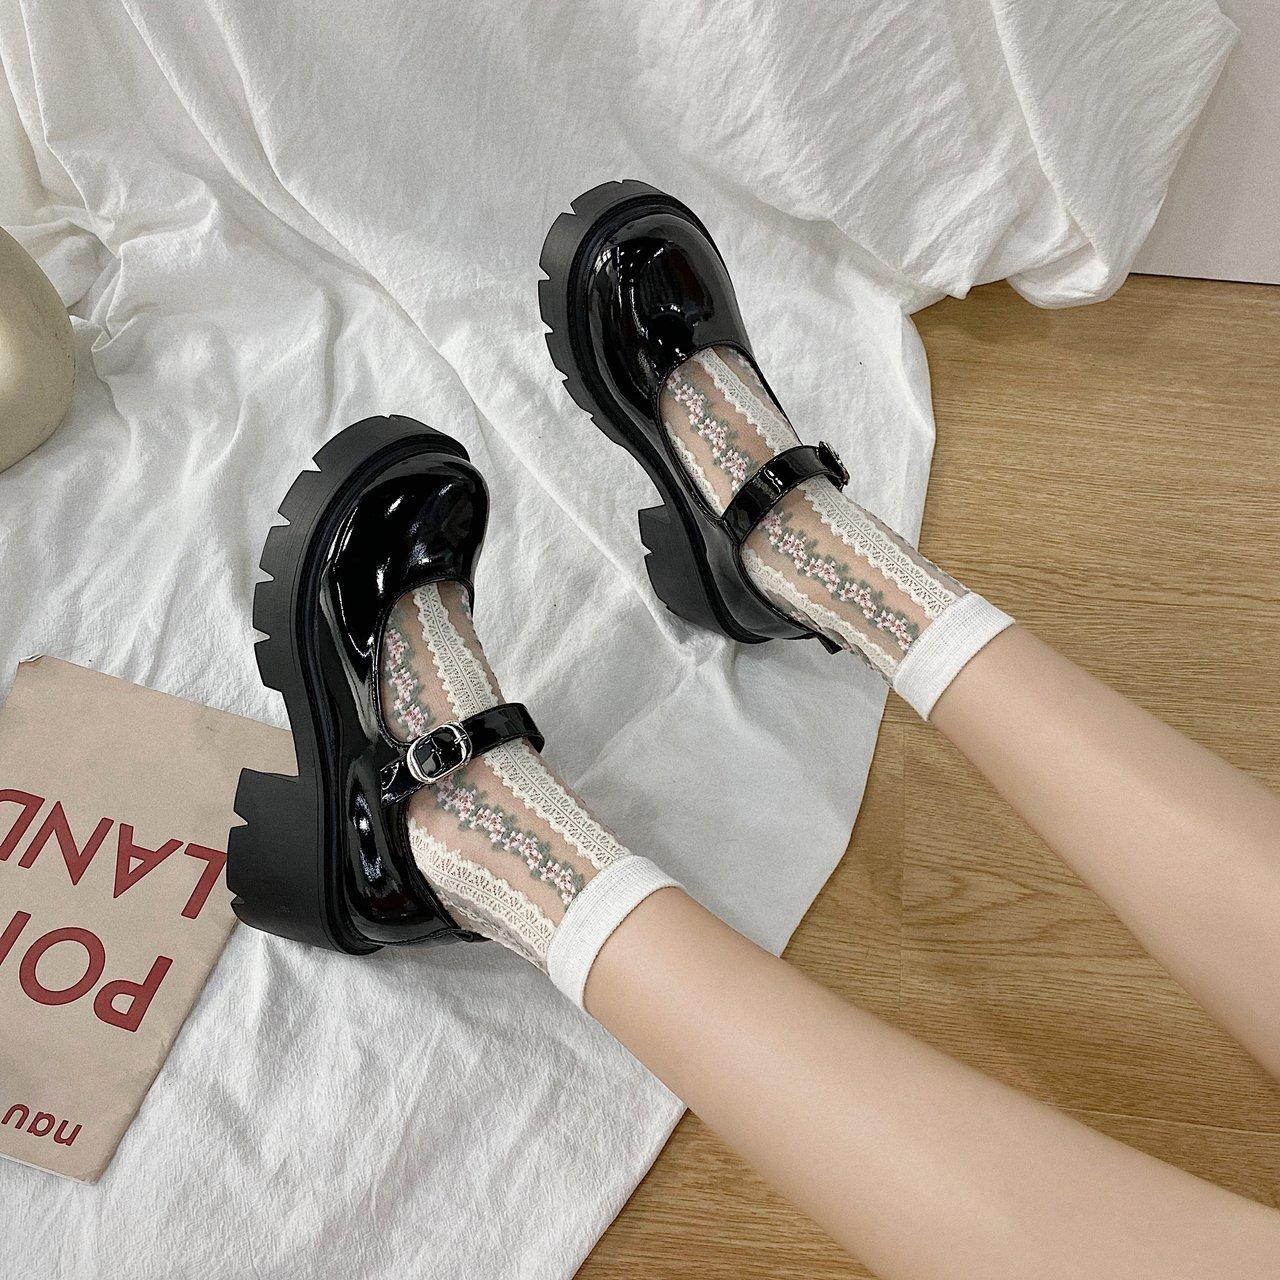 英伦小皮鞋女日系厚底玛丽珍鞋一字扣高跟单鞋洛丽塔学生jk制服鞋